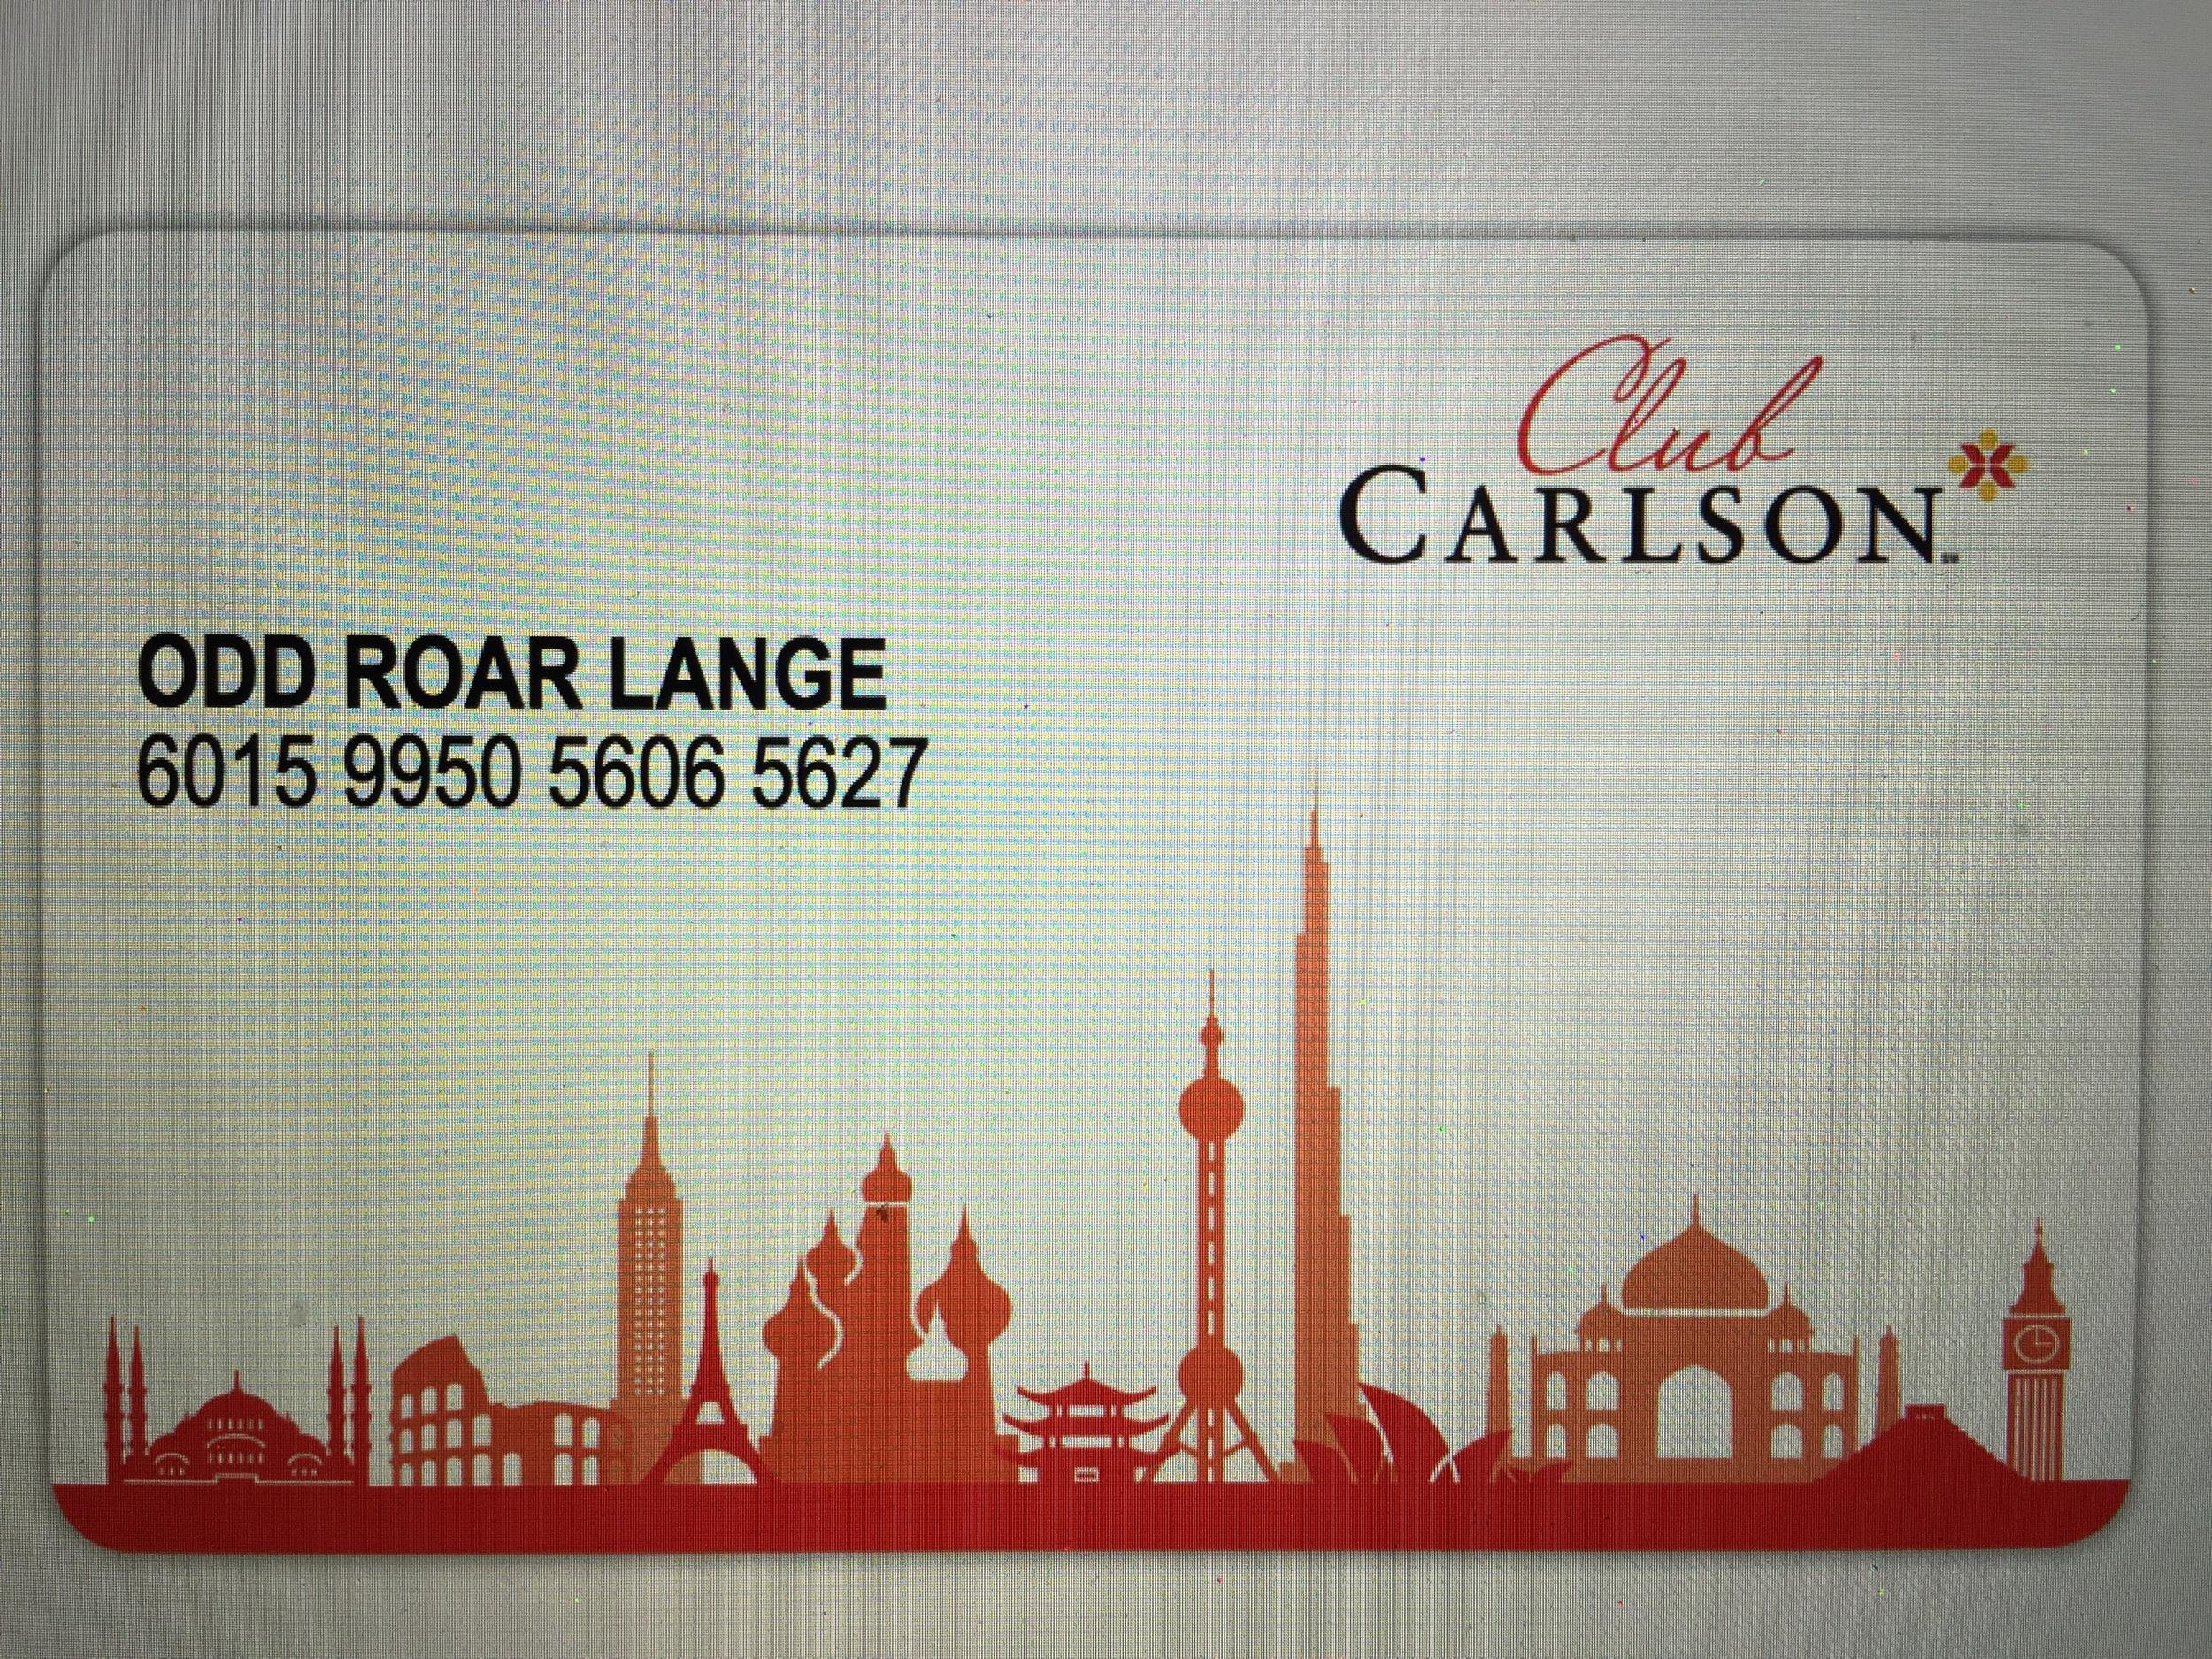 Bruk bonuskortet ditt hver gang. Men husk at da må du bestille direkte til hotellet, ikke via bookingfirmaene.               Foto: Odd Roar Lange